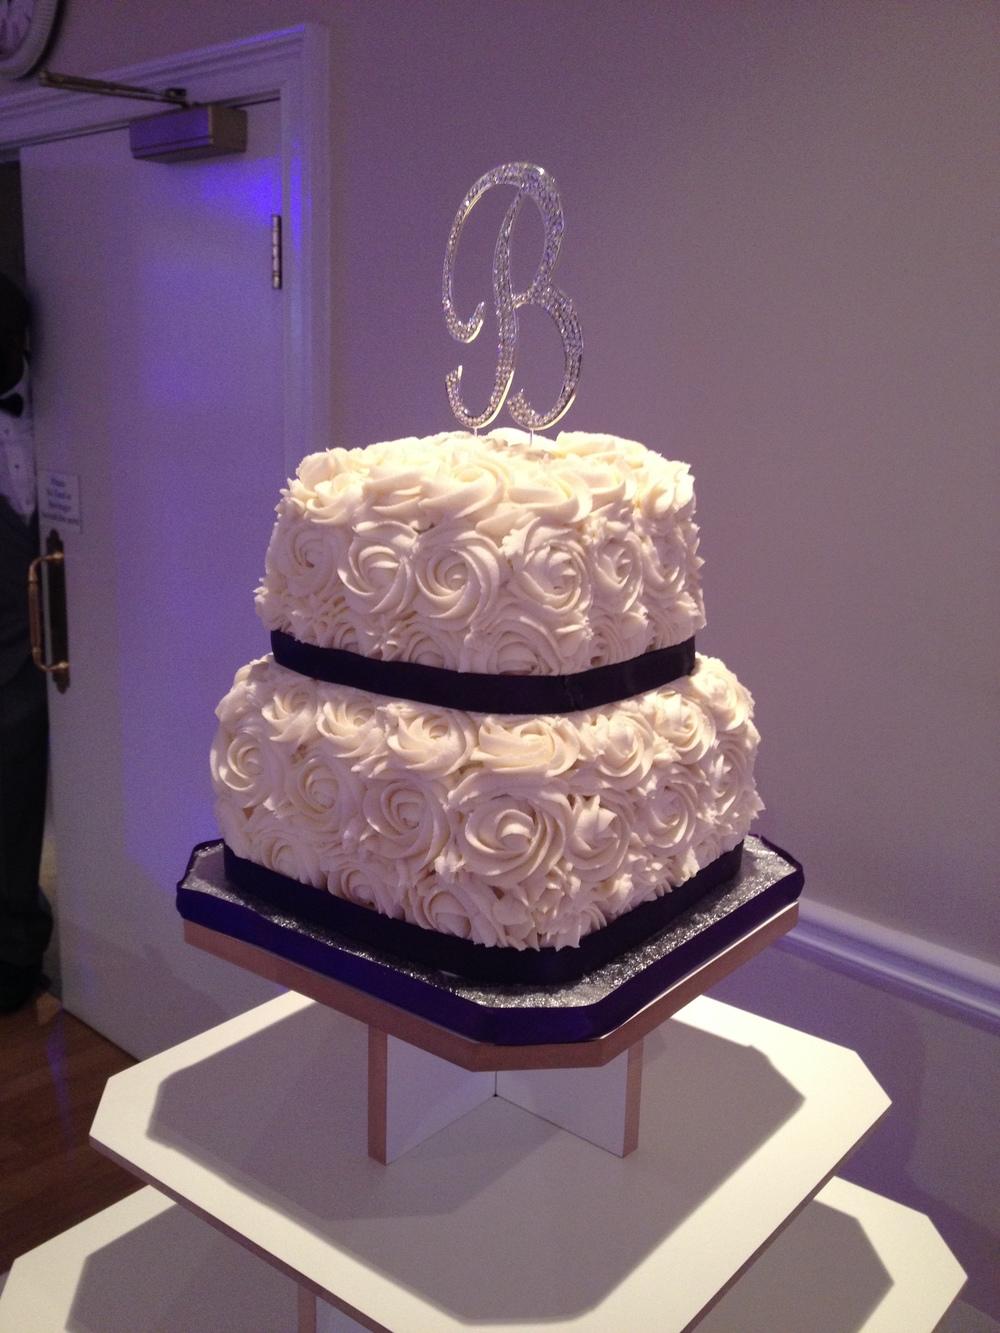 Cupcake Wedding Cake 5.jpeg